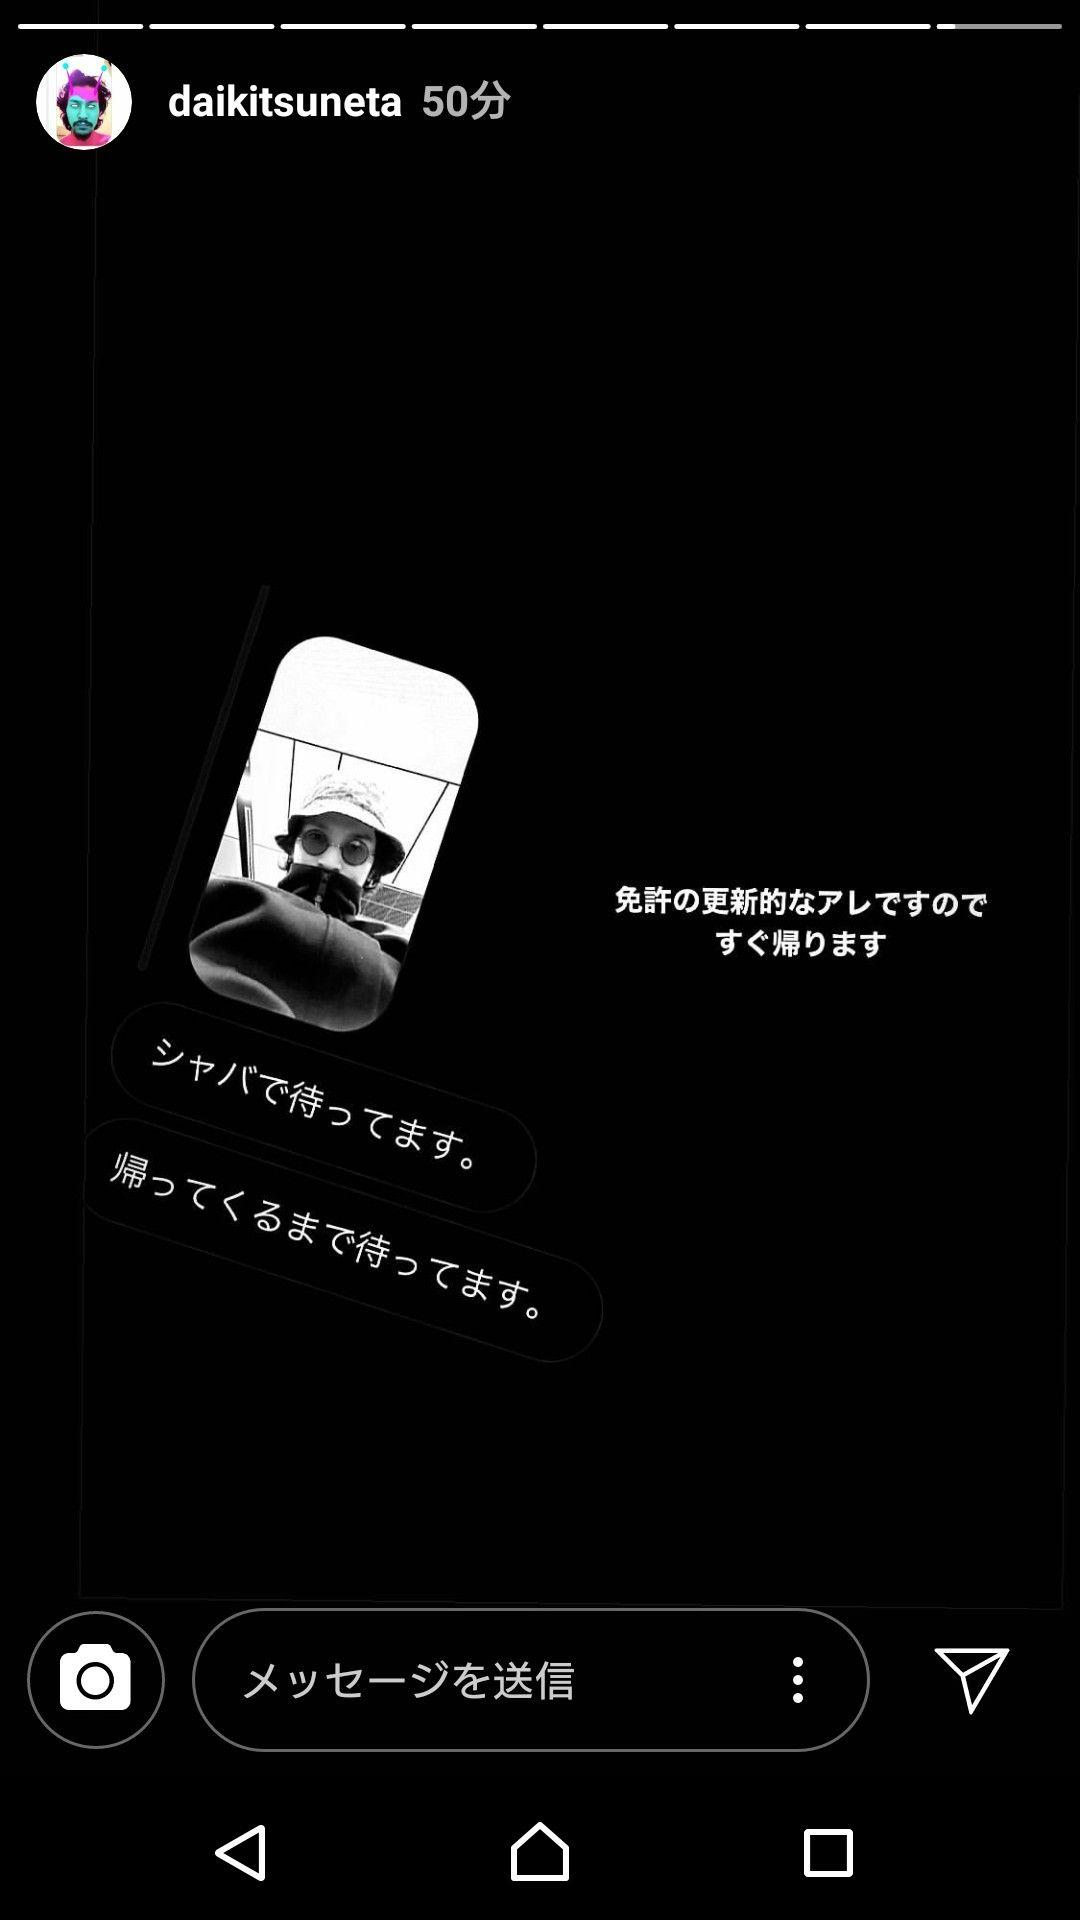 ストーリー 常田 大 希